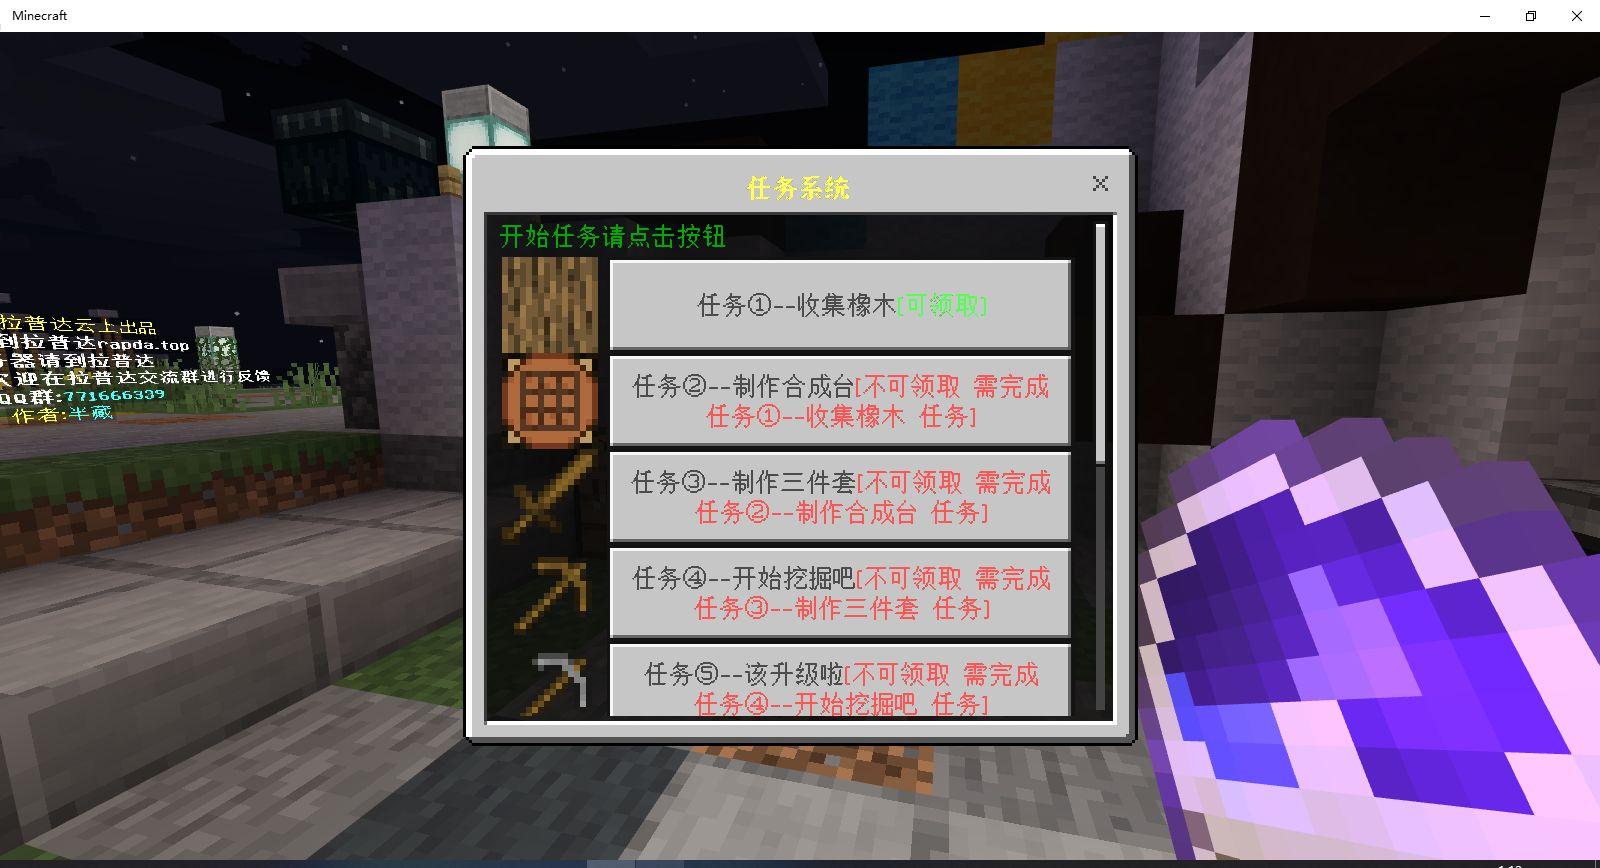 file_1582823550000.jpg